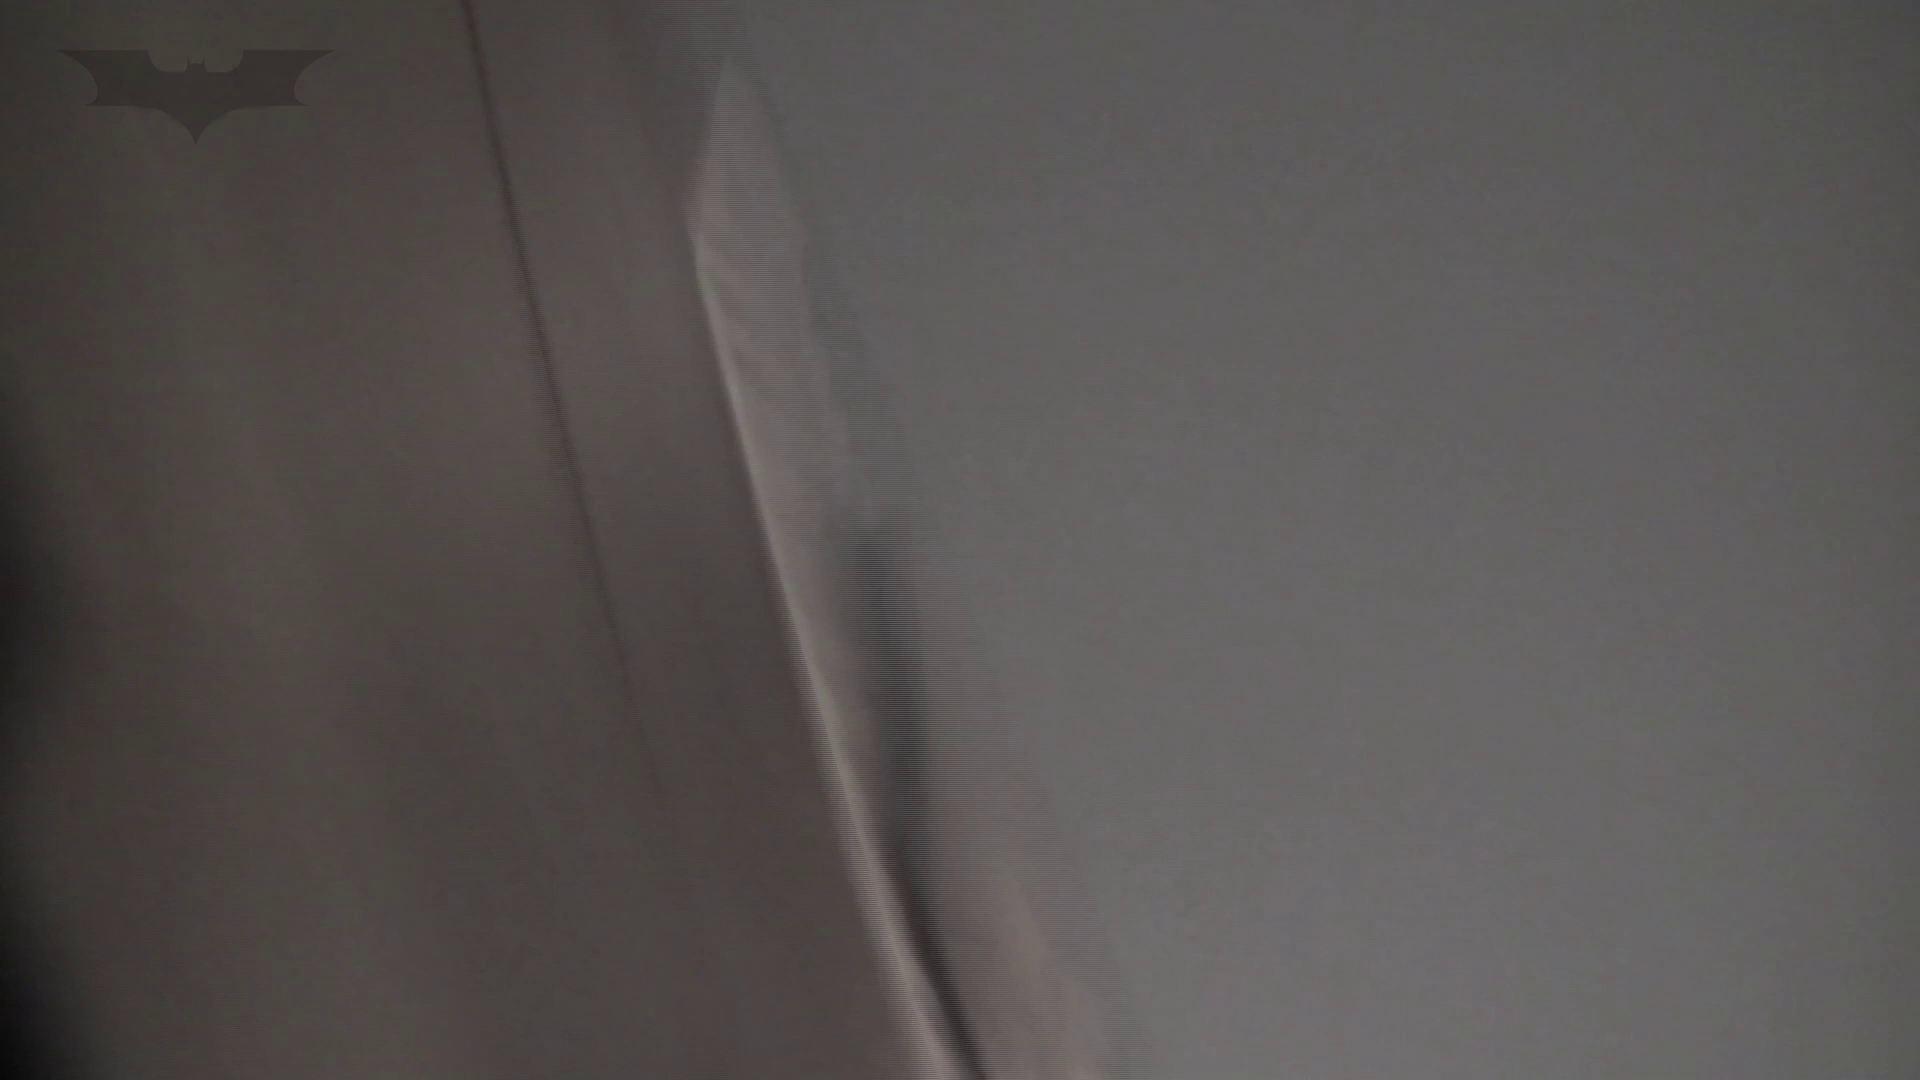 潜入!!台湾名門女学院 Vol.04 二ケツ同時撮り!! 高画質 オメコ動画キャプチャ 101枚 78